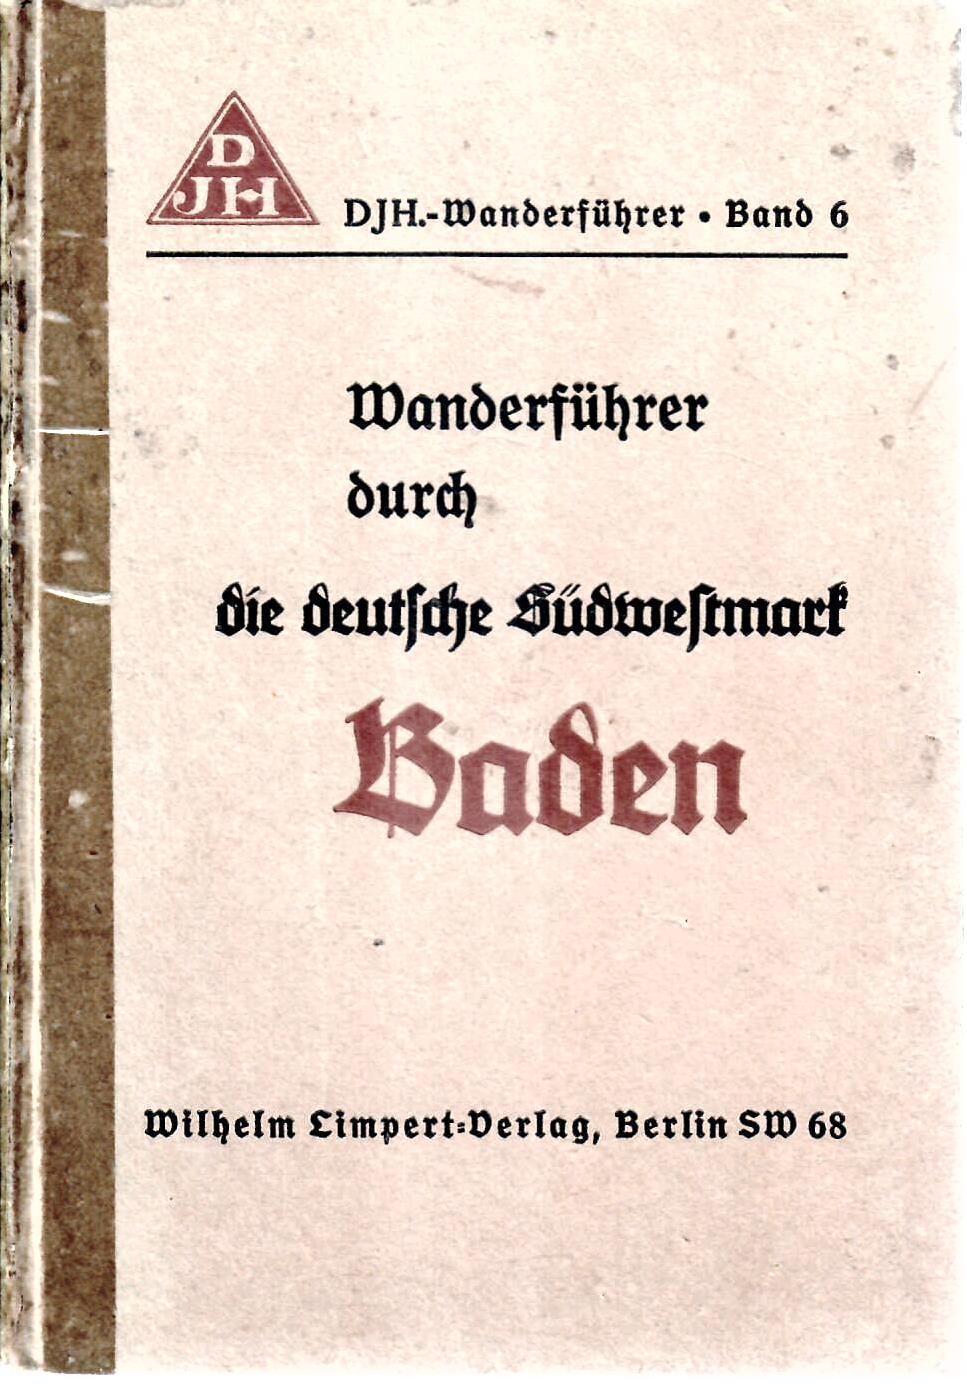 Wanderführer durch die deutsche Südwestmark Baden DJH-Wanderführer. Band 6.